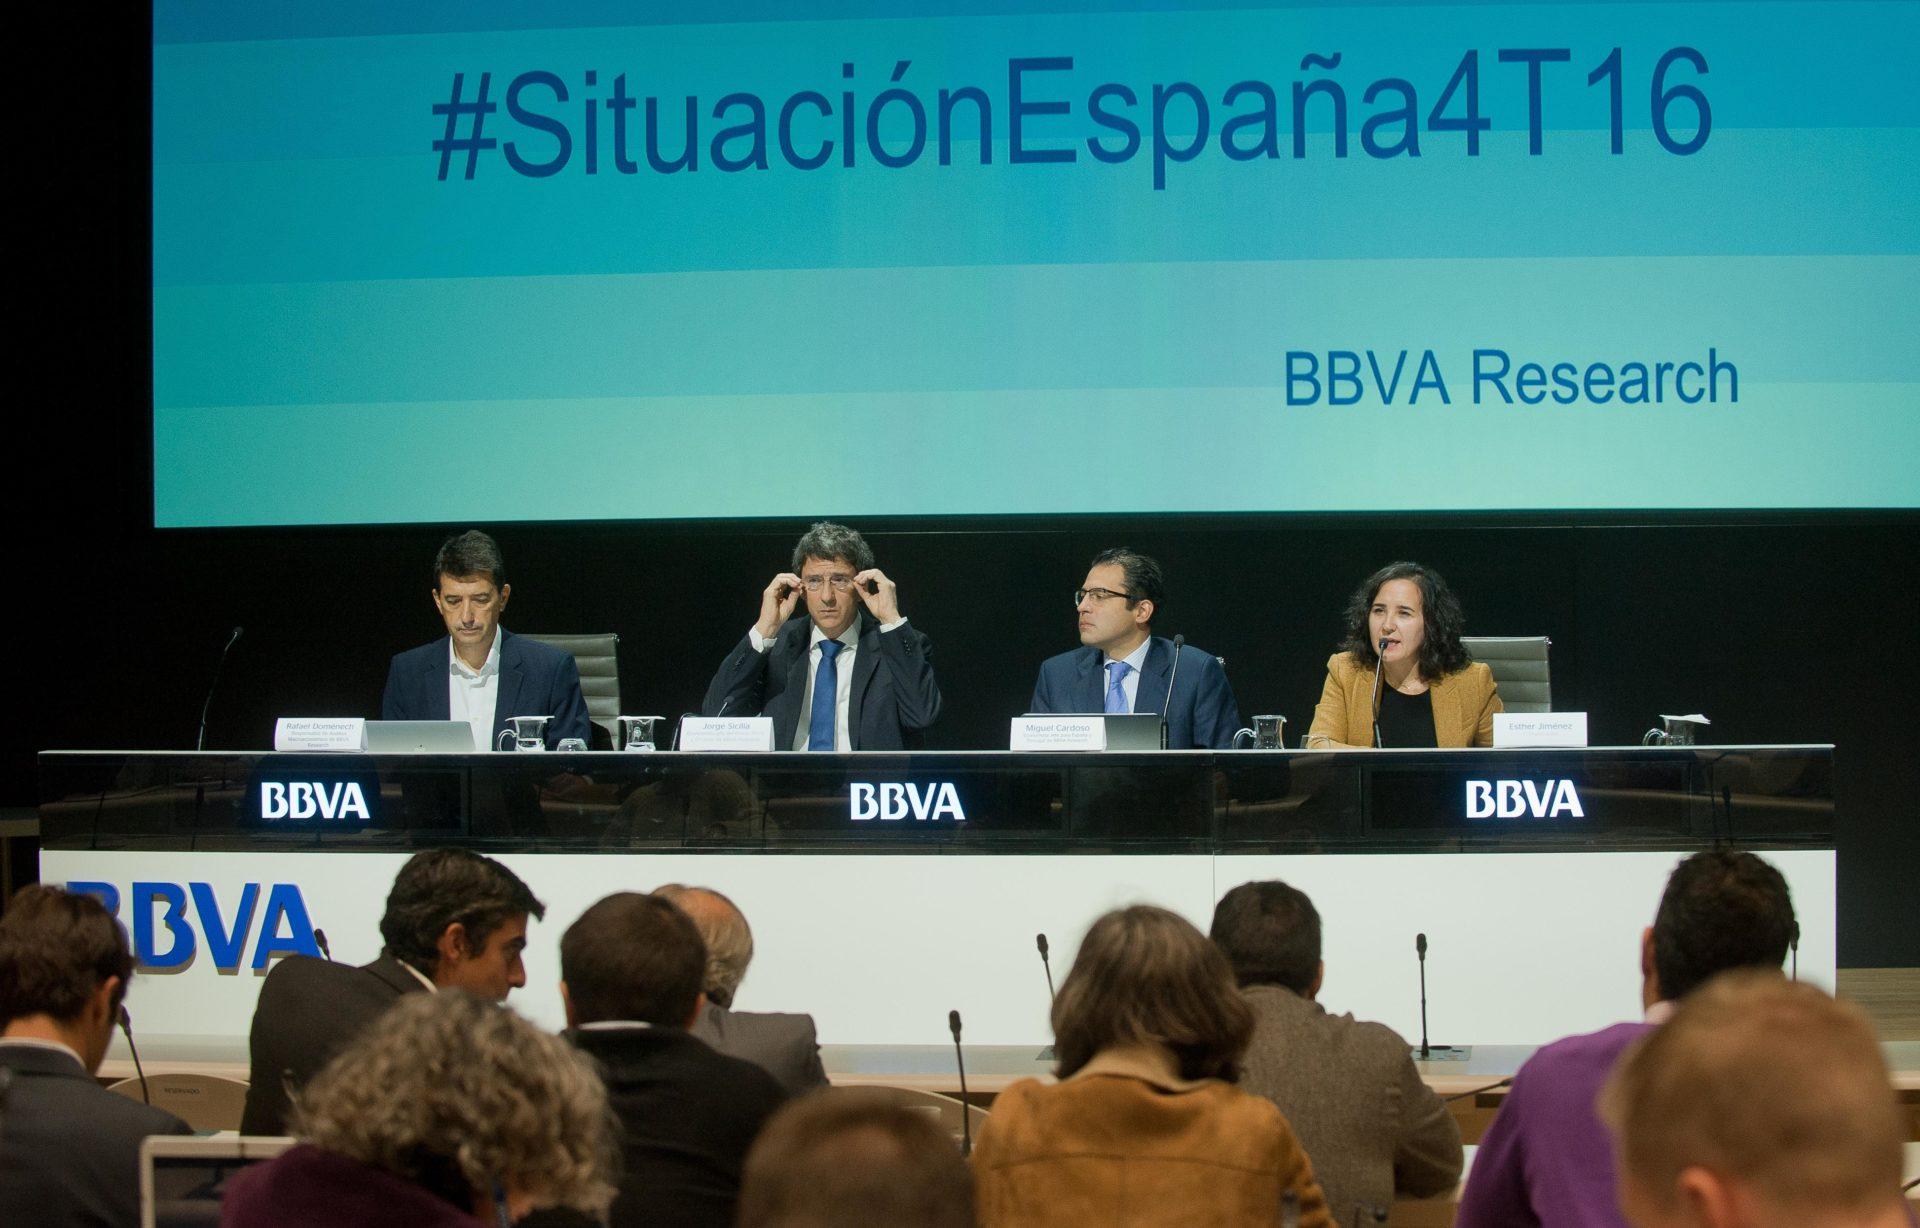 Presentación Situación España 4T16, BBVA Research